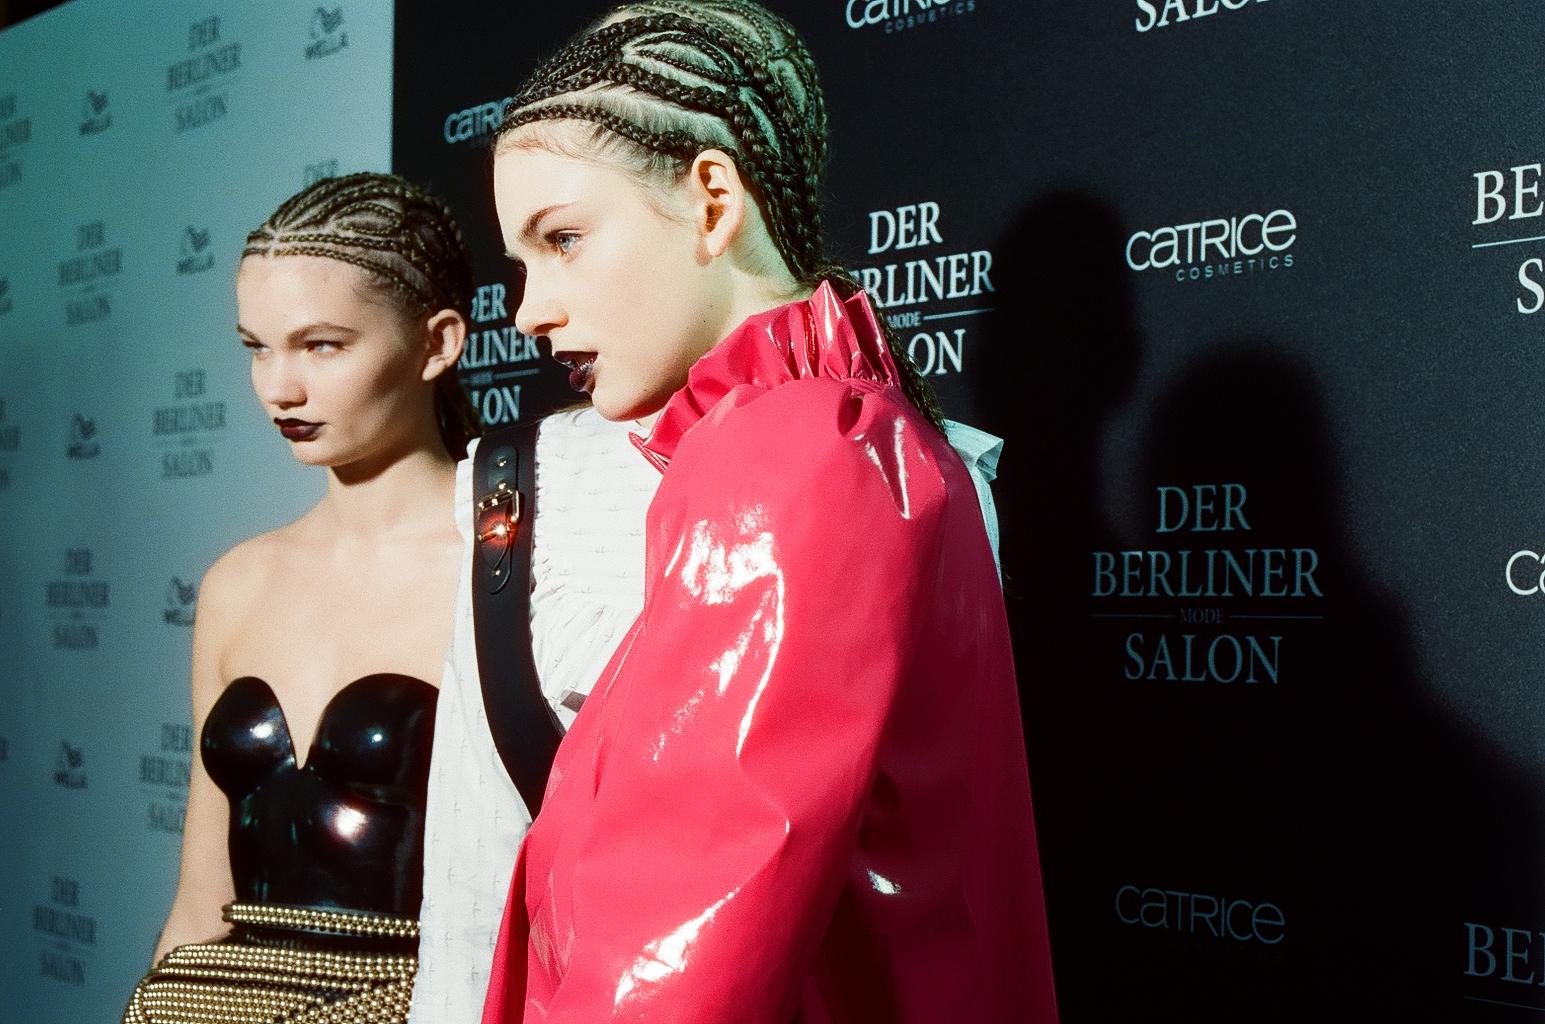 honigschreck _ honigstein _ fashionweek _ marinahormannseder (1).jpg